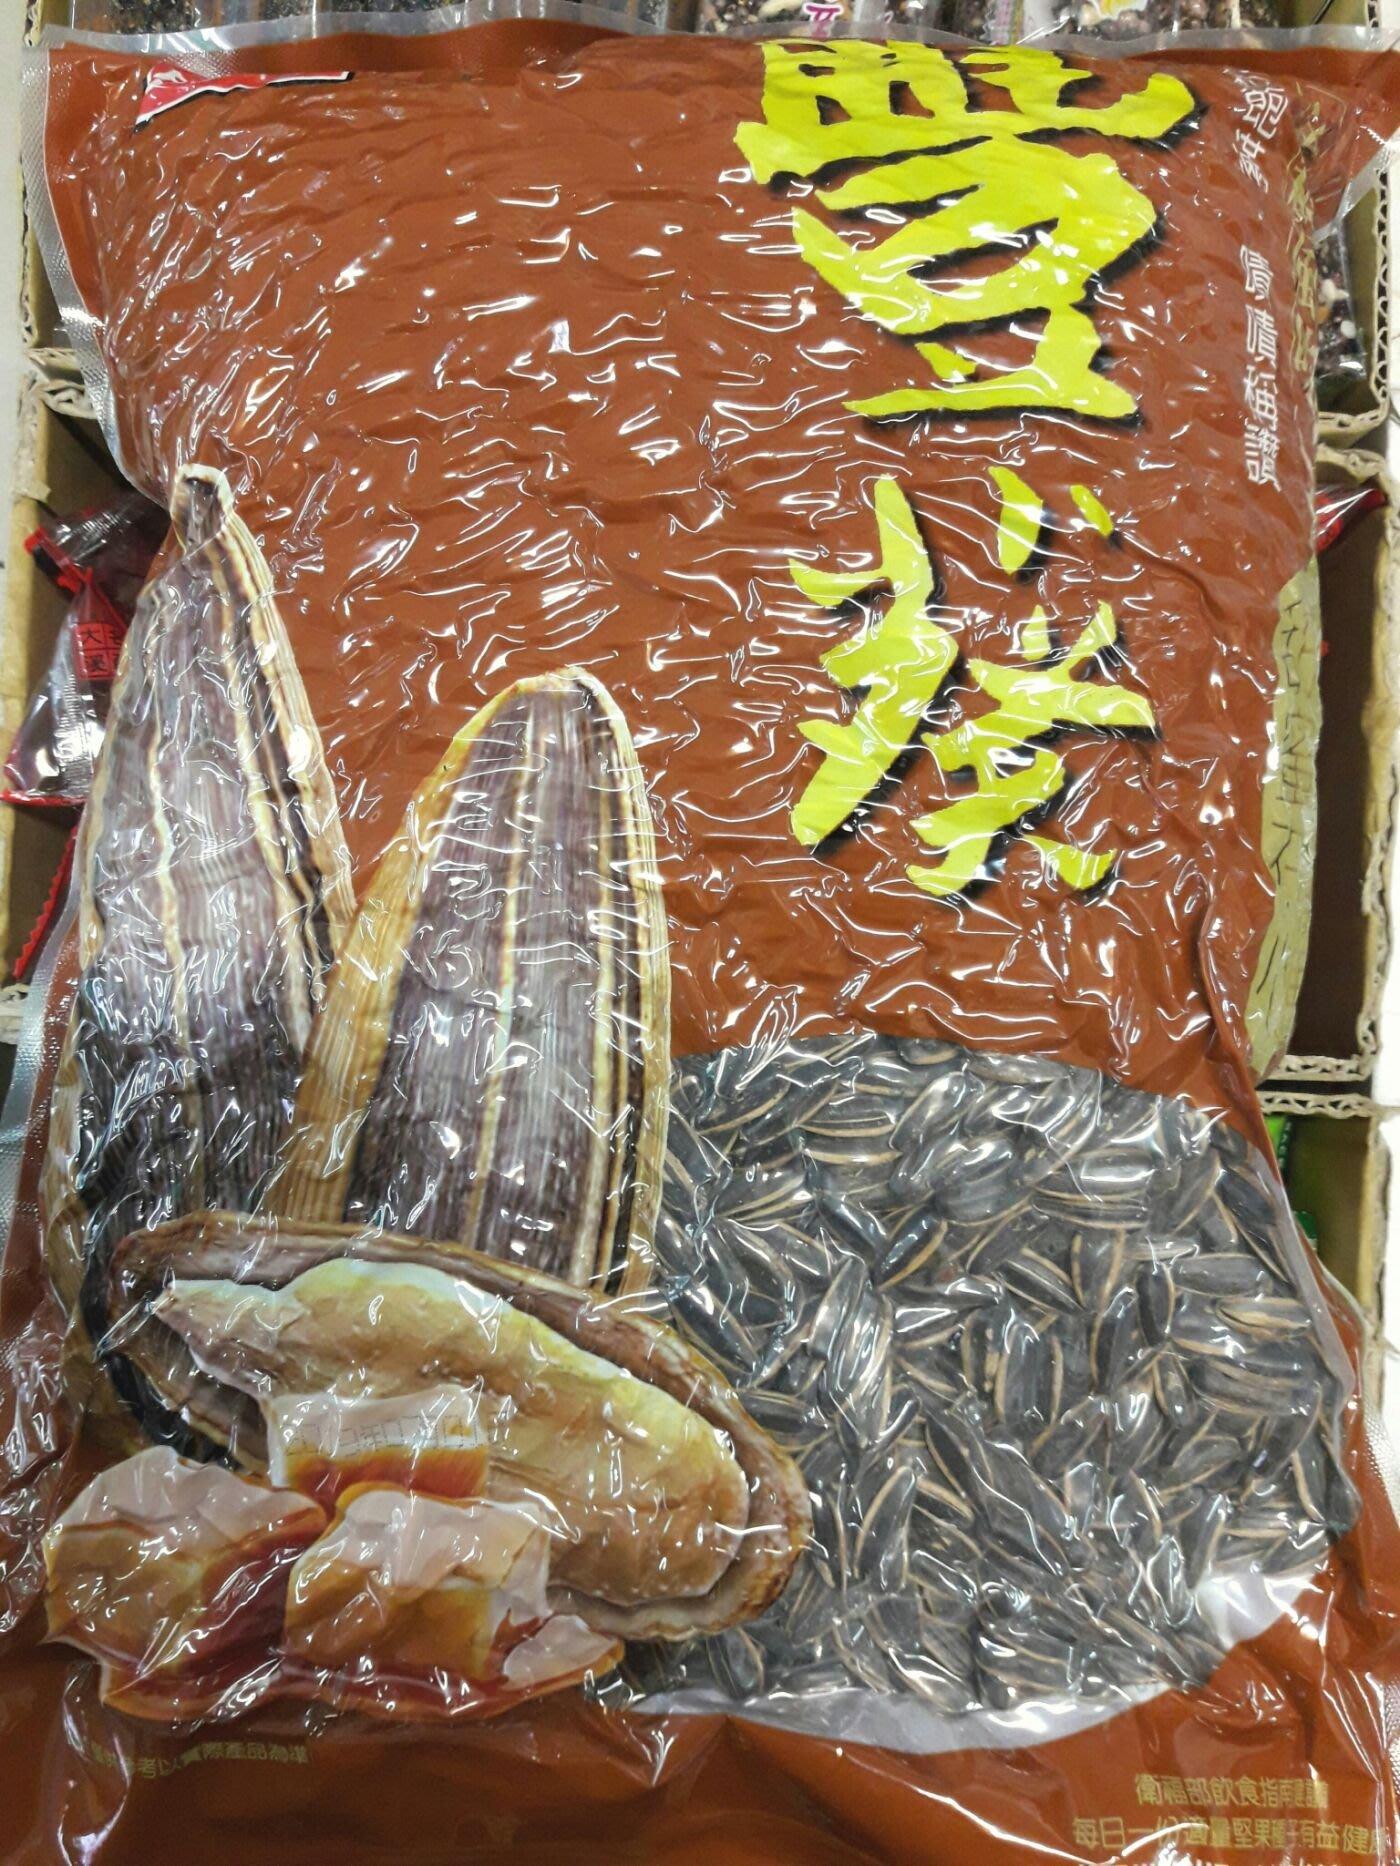 阿瑋柑仔店~盛香珍焦糖葵瓜子3000公克~只賣520元~好吃的水煮瓜子~另有原味葵瓜子!